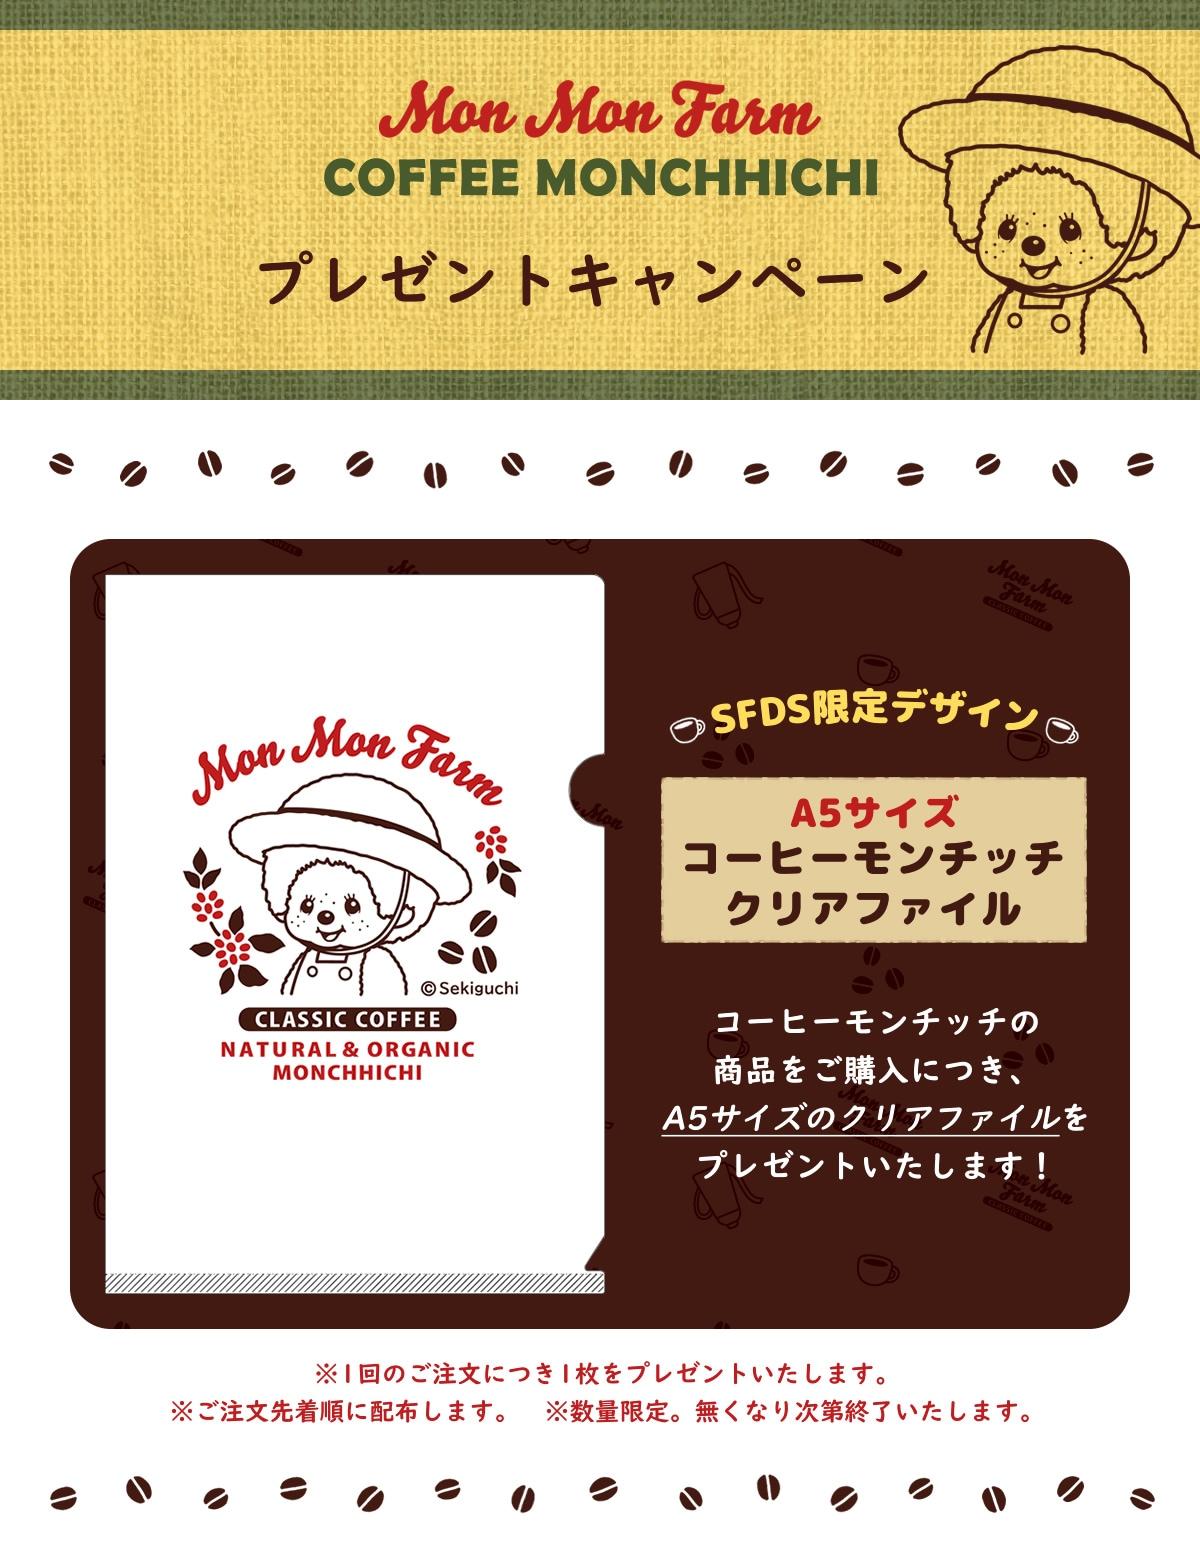 プレゼントキャンペーン コーヒーモンチッチの商品をご購入につき、A5サイズのクリアファイルをプレゼントいたします!